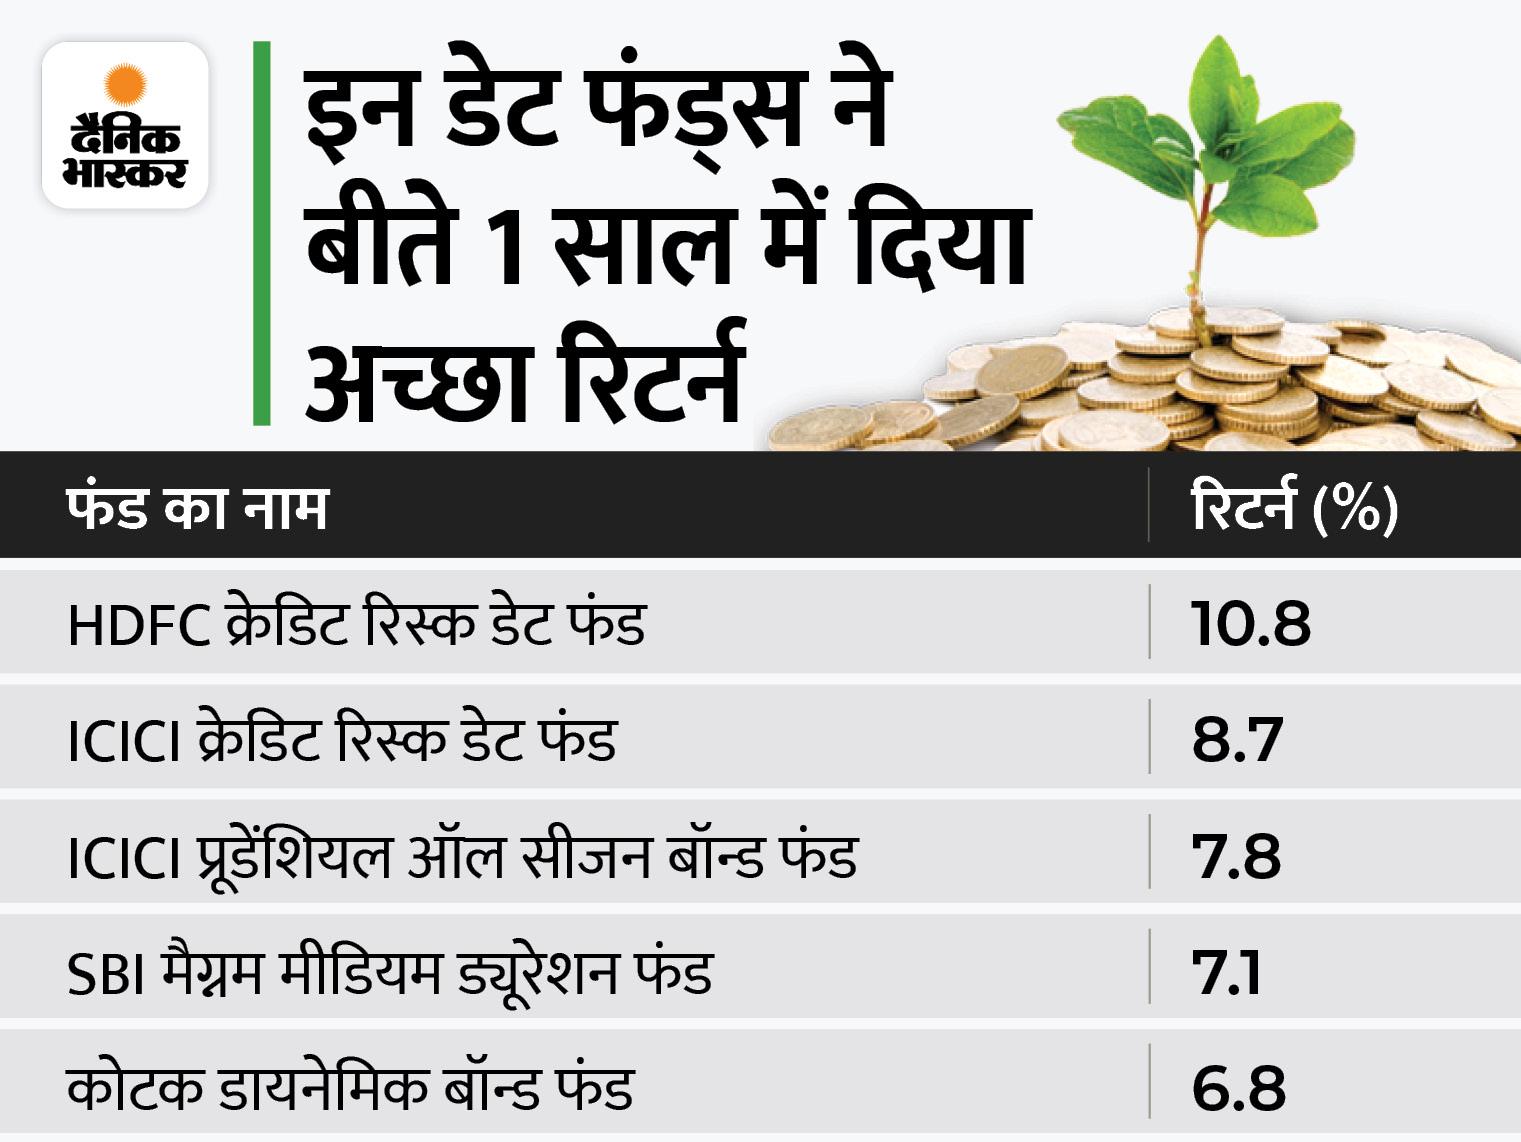 FD से ज्यादा रिटर्न के लिए डेट म्यूचुअल फंड में कर सकते हैं निवेश, इसने बीते 1 साल में दिया 11% तक का रिटर्न बिजनेस,Business - Dainik Bhaskar